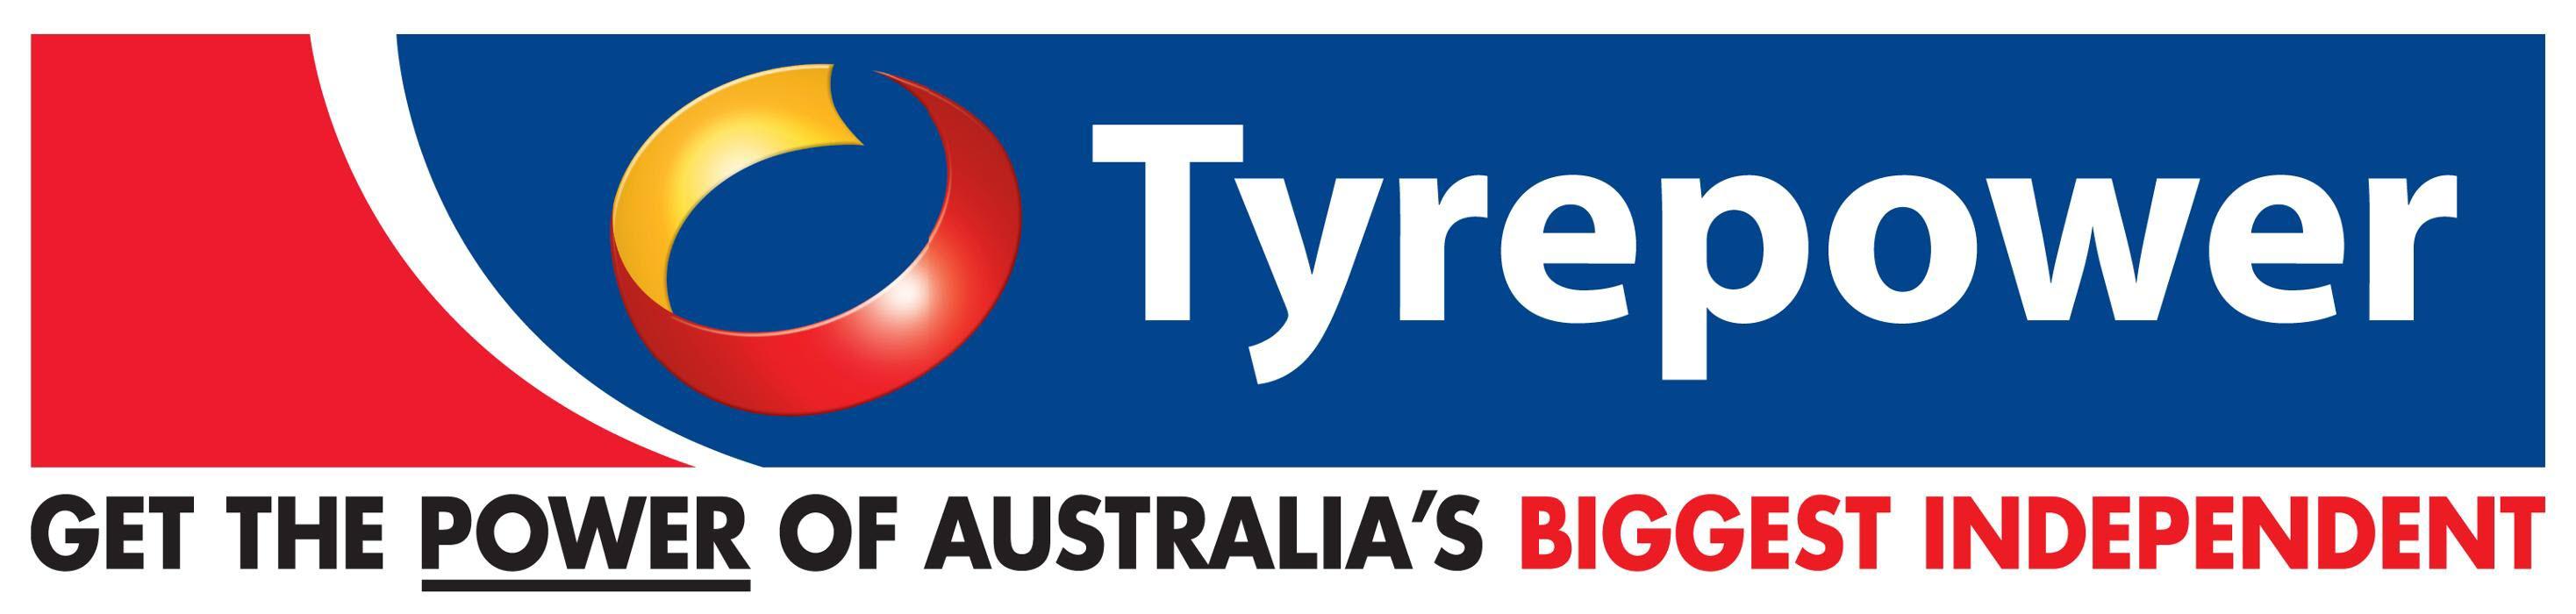 Beenleigh Tyrepower - Beenleigh, QLD 4207 - (07) 3807 0666 | ShowMeLocal.com